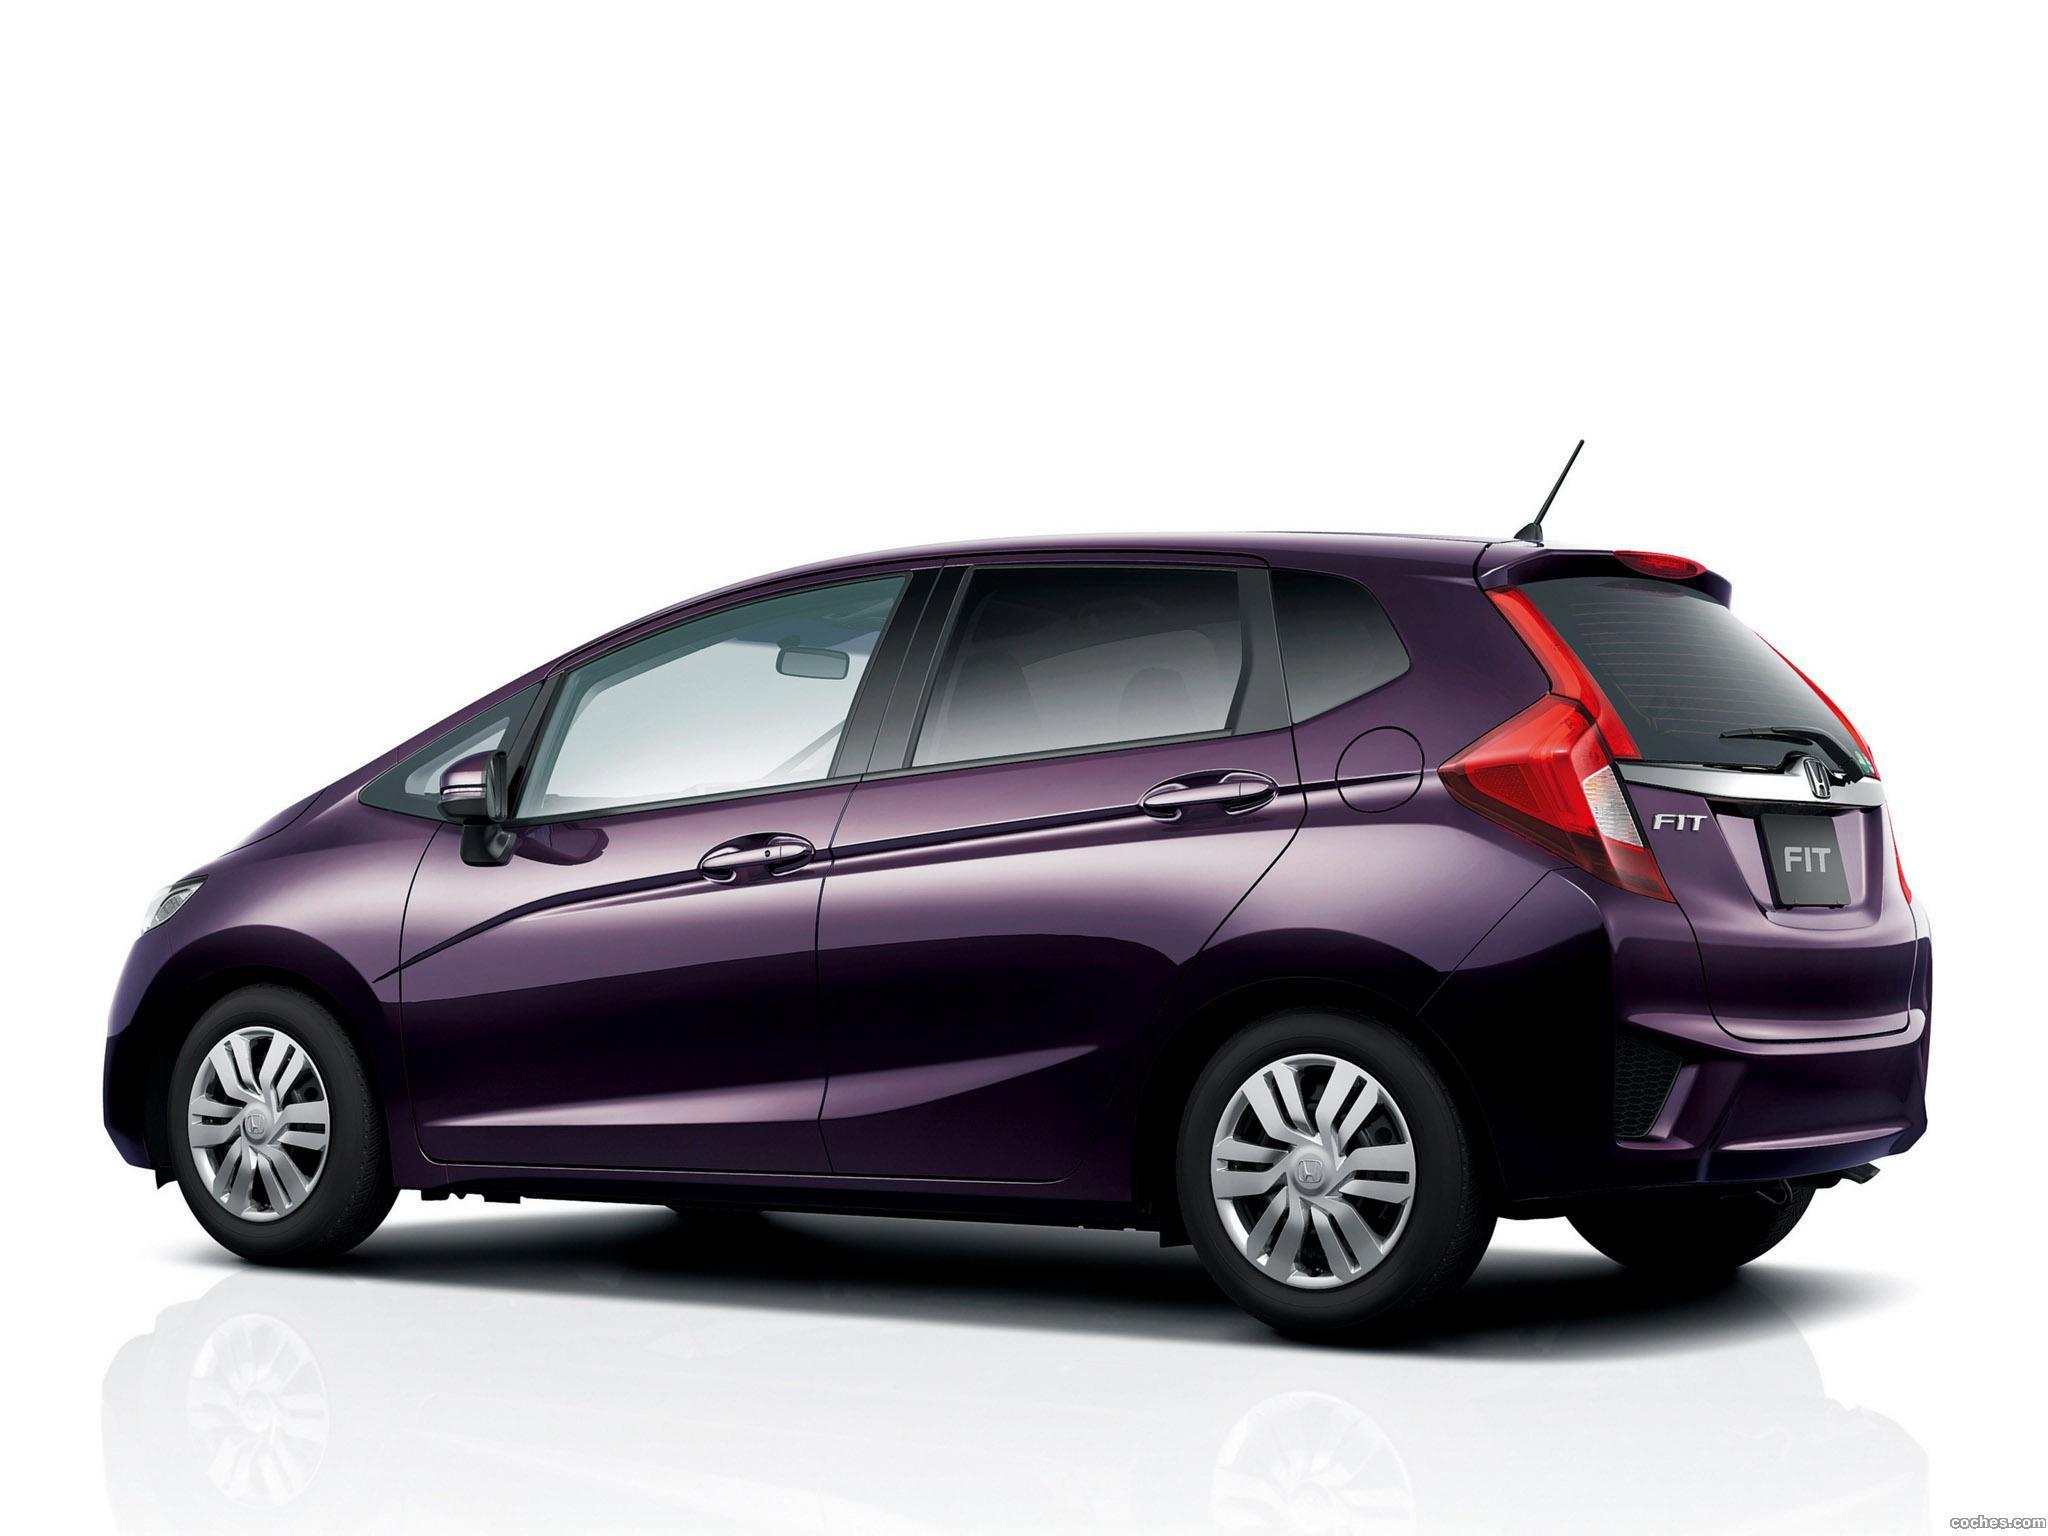 Foto 2 de Honda Fit 2014